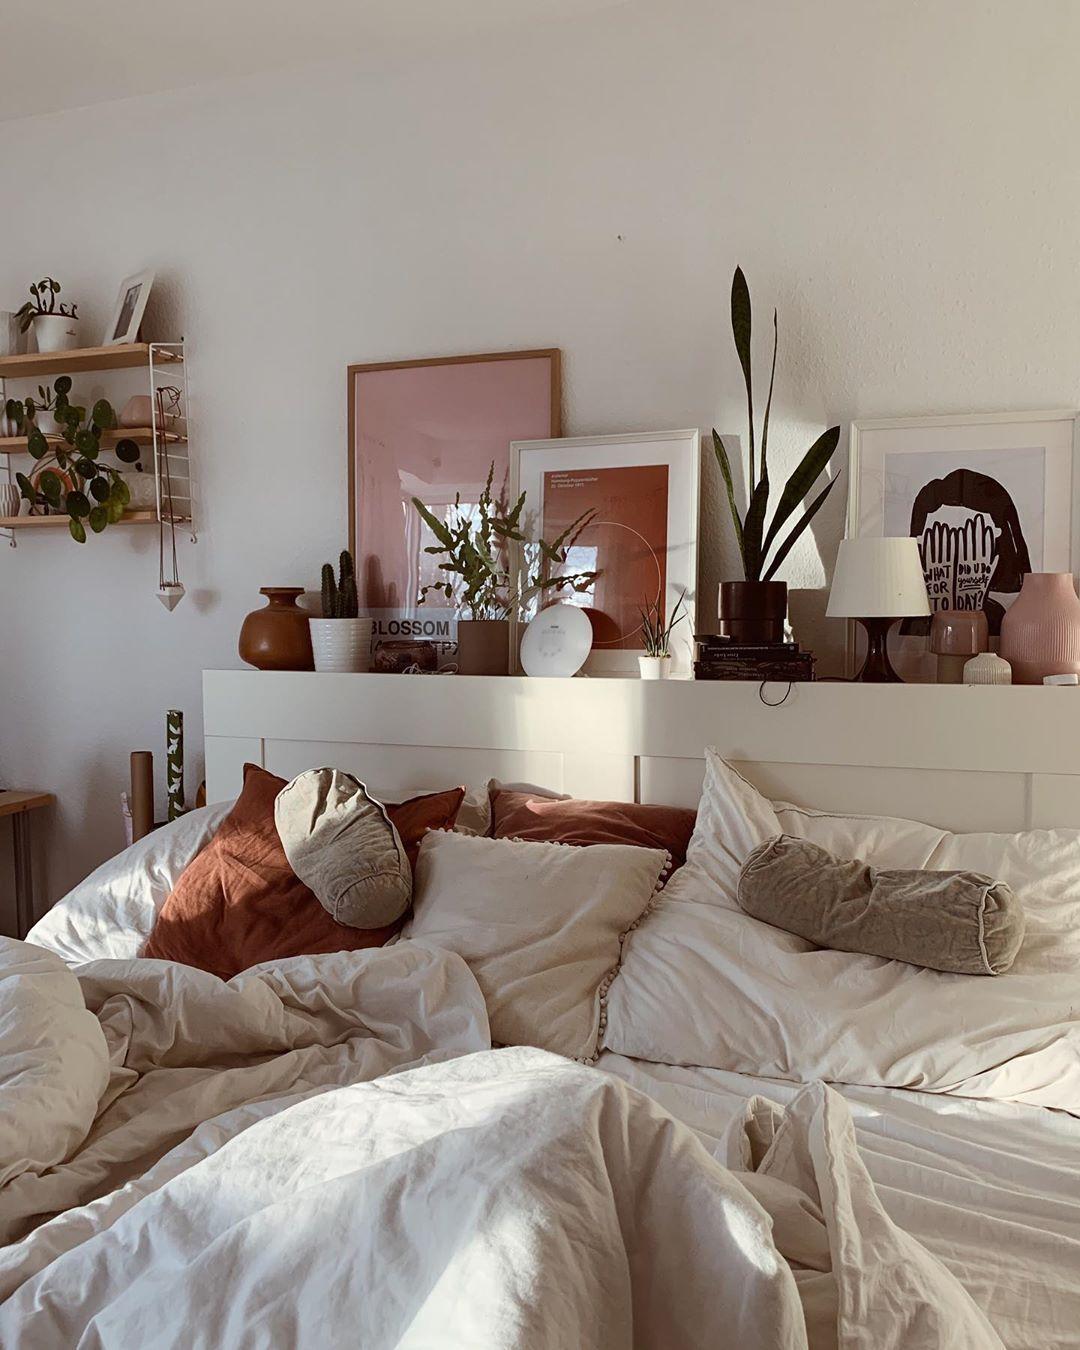 #zen bedroom decor for sale #bedroom decor layout #bedroom decor hobby lobby #bedroom decor online stores #bedroom decor ideas 2020 #bedroom decor things #bedroom decor websites #bedroom decor signs